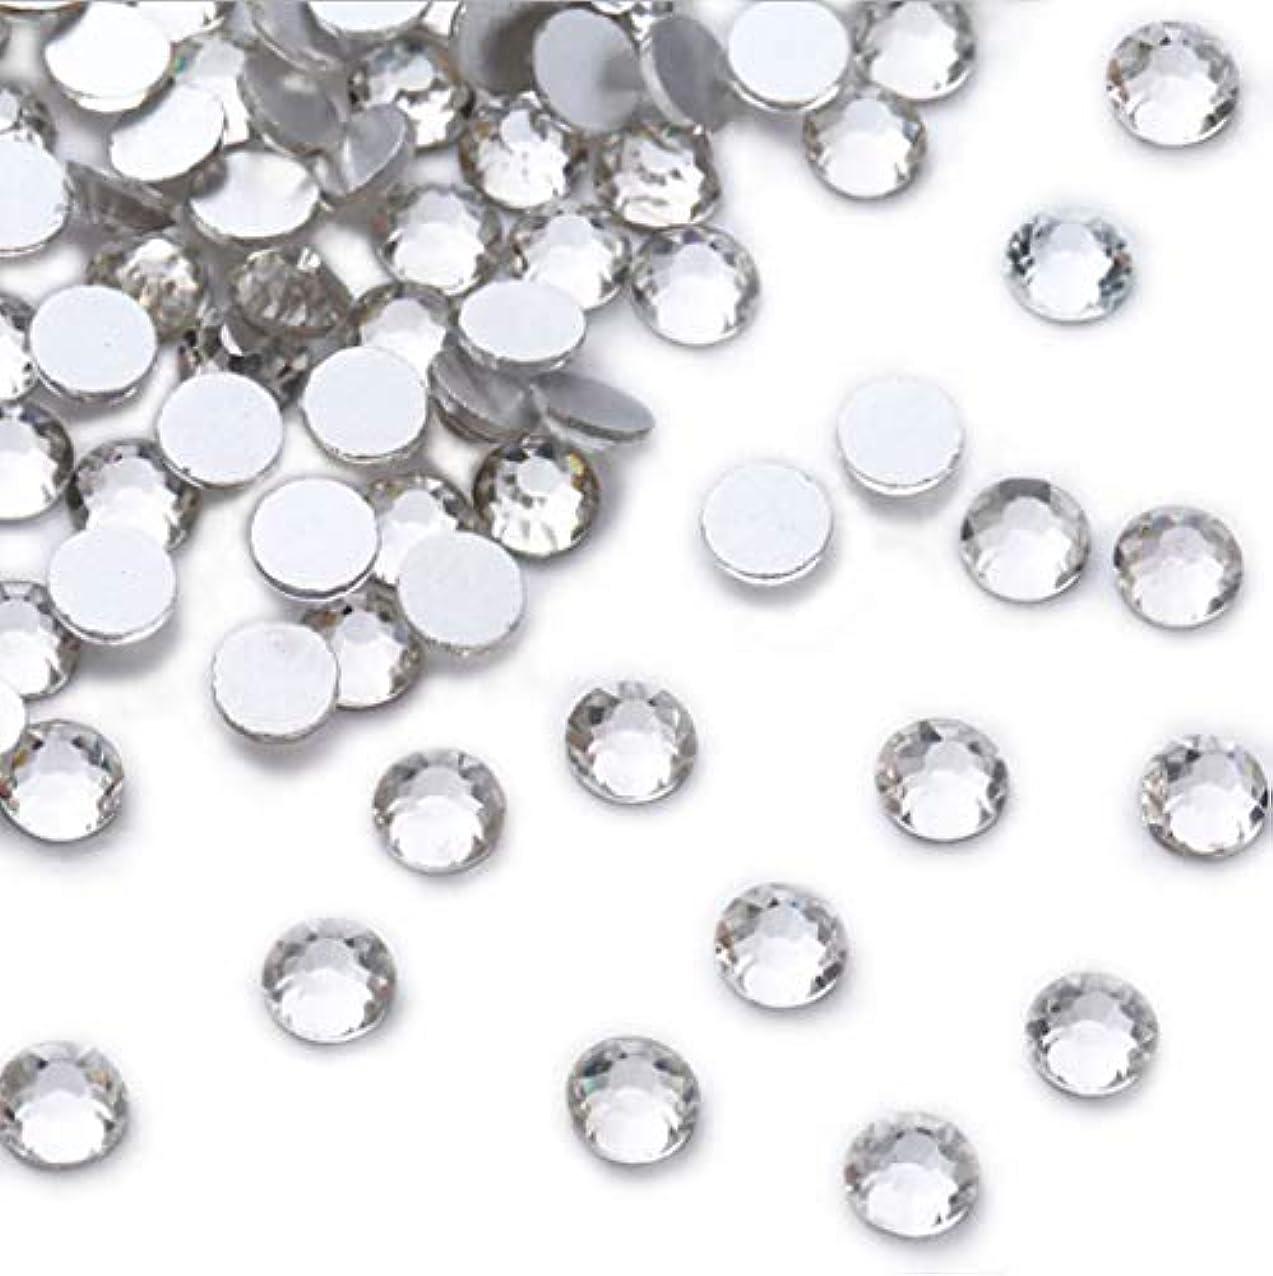 窒息させる範囲コンソールXIULIラインストーン DIY ネイルを飾てと服装使用 高い採光 ホワイト ss3-30 (6.5mm ss30(288粒), サイズ)